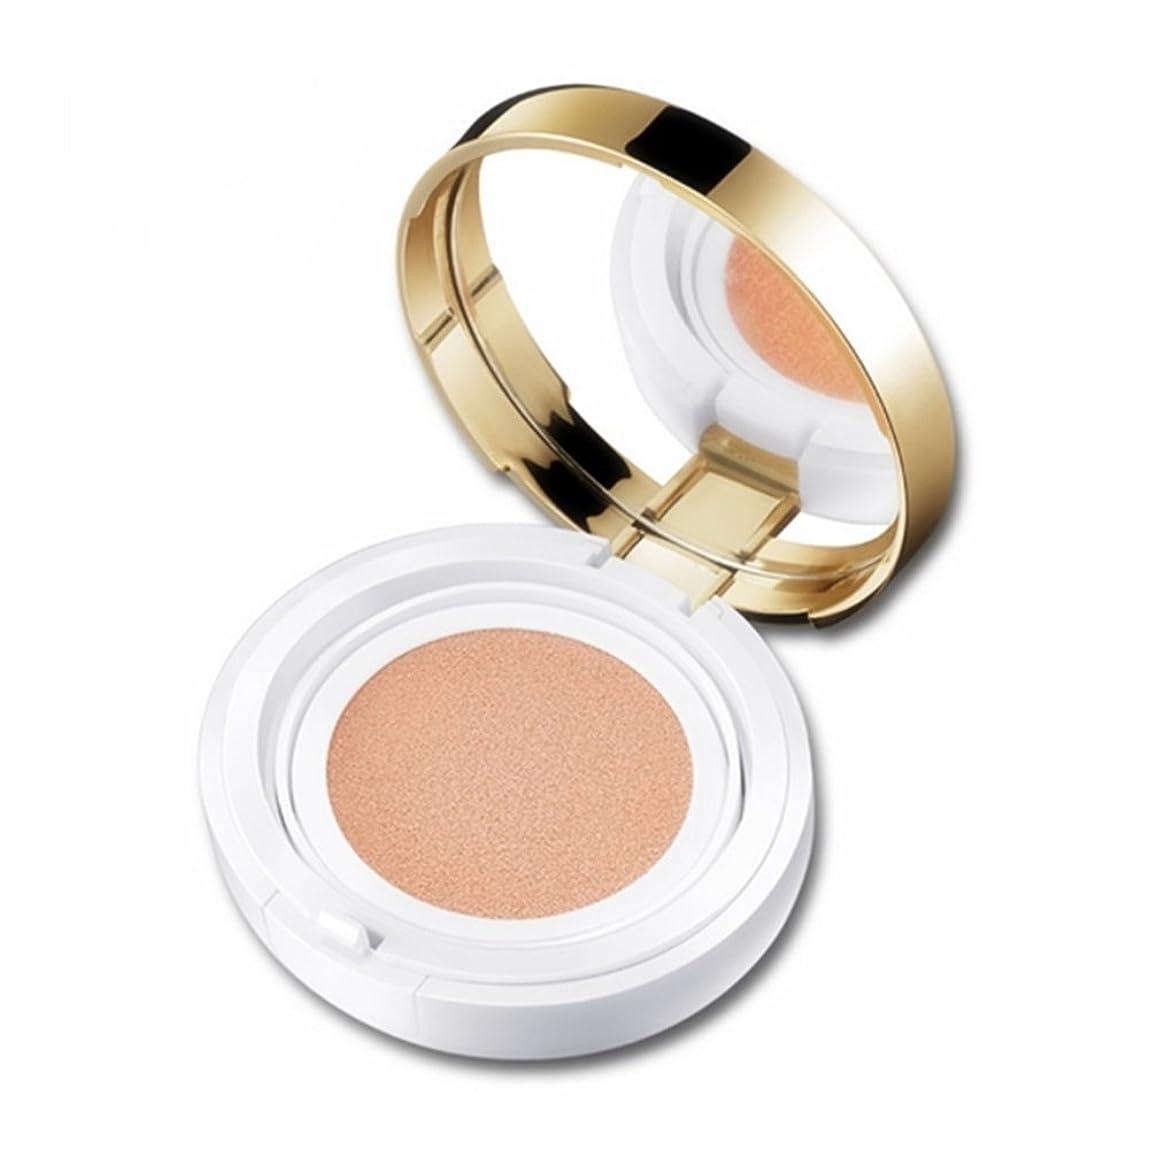 同意囲む矛盾Flawless Makeup Air Cushion BB Cream Moisturizing Natural Tone Bare Makeup Concealer Primer Color Foundation Cosmetics. (Ivory white#B01)